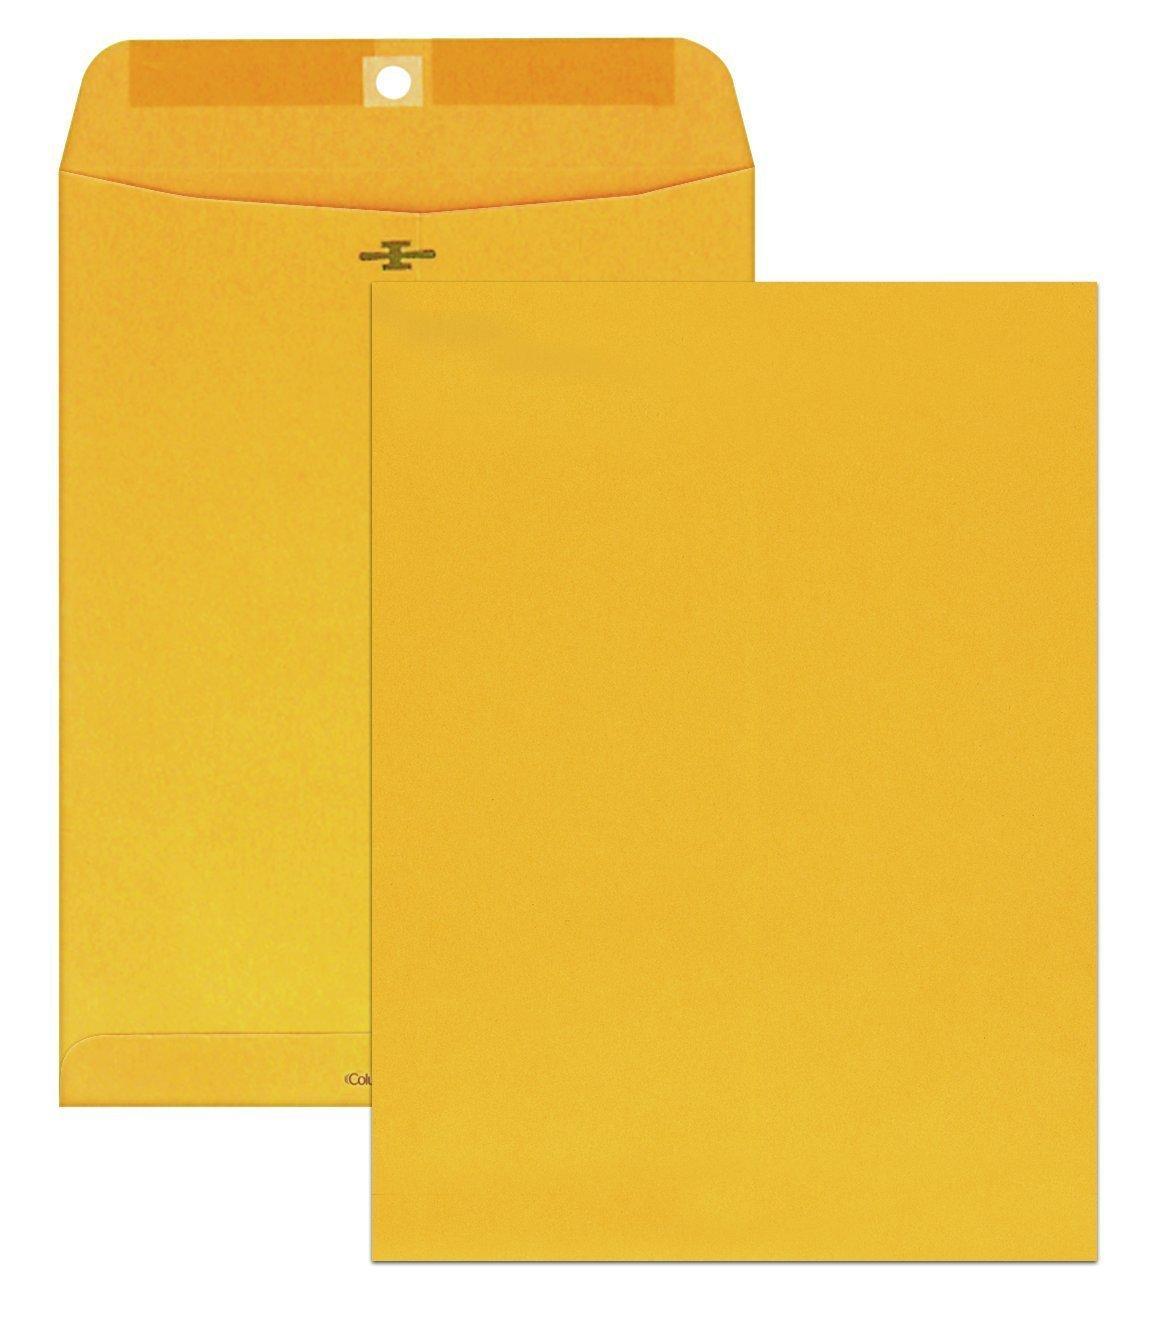 VARIOUS SIZES Envelope Mailing Shipping Kraft Manila Brown Yellow Paper Business